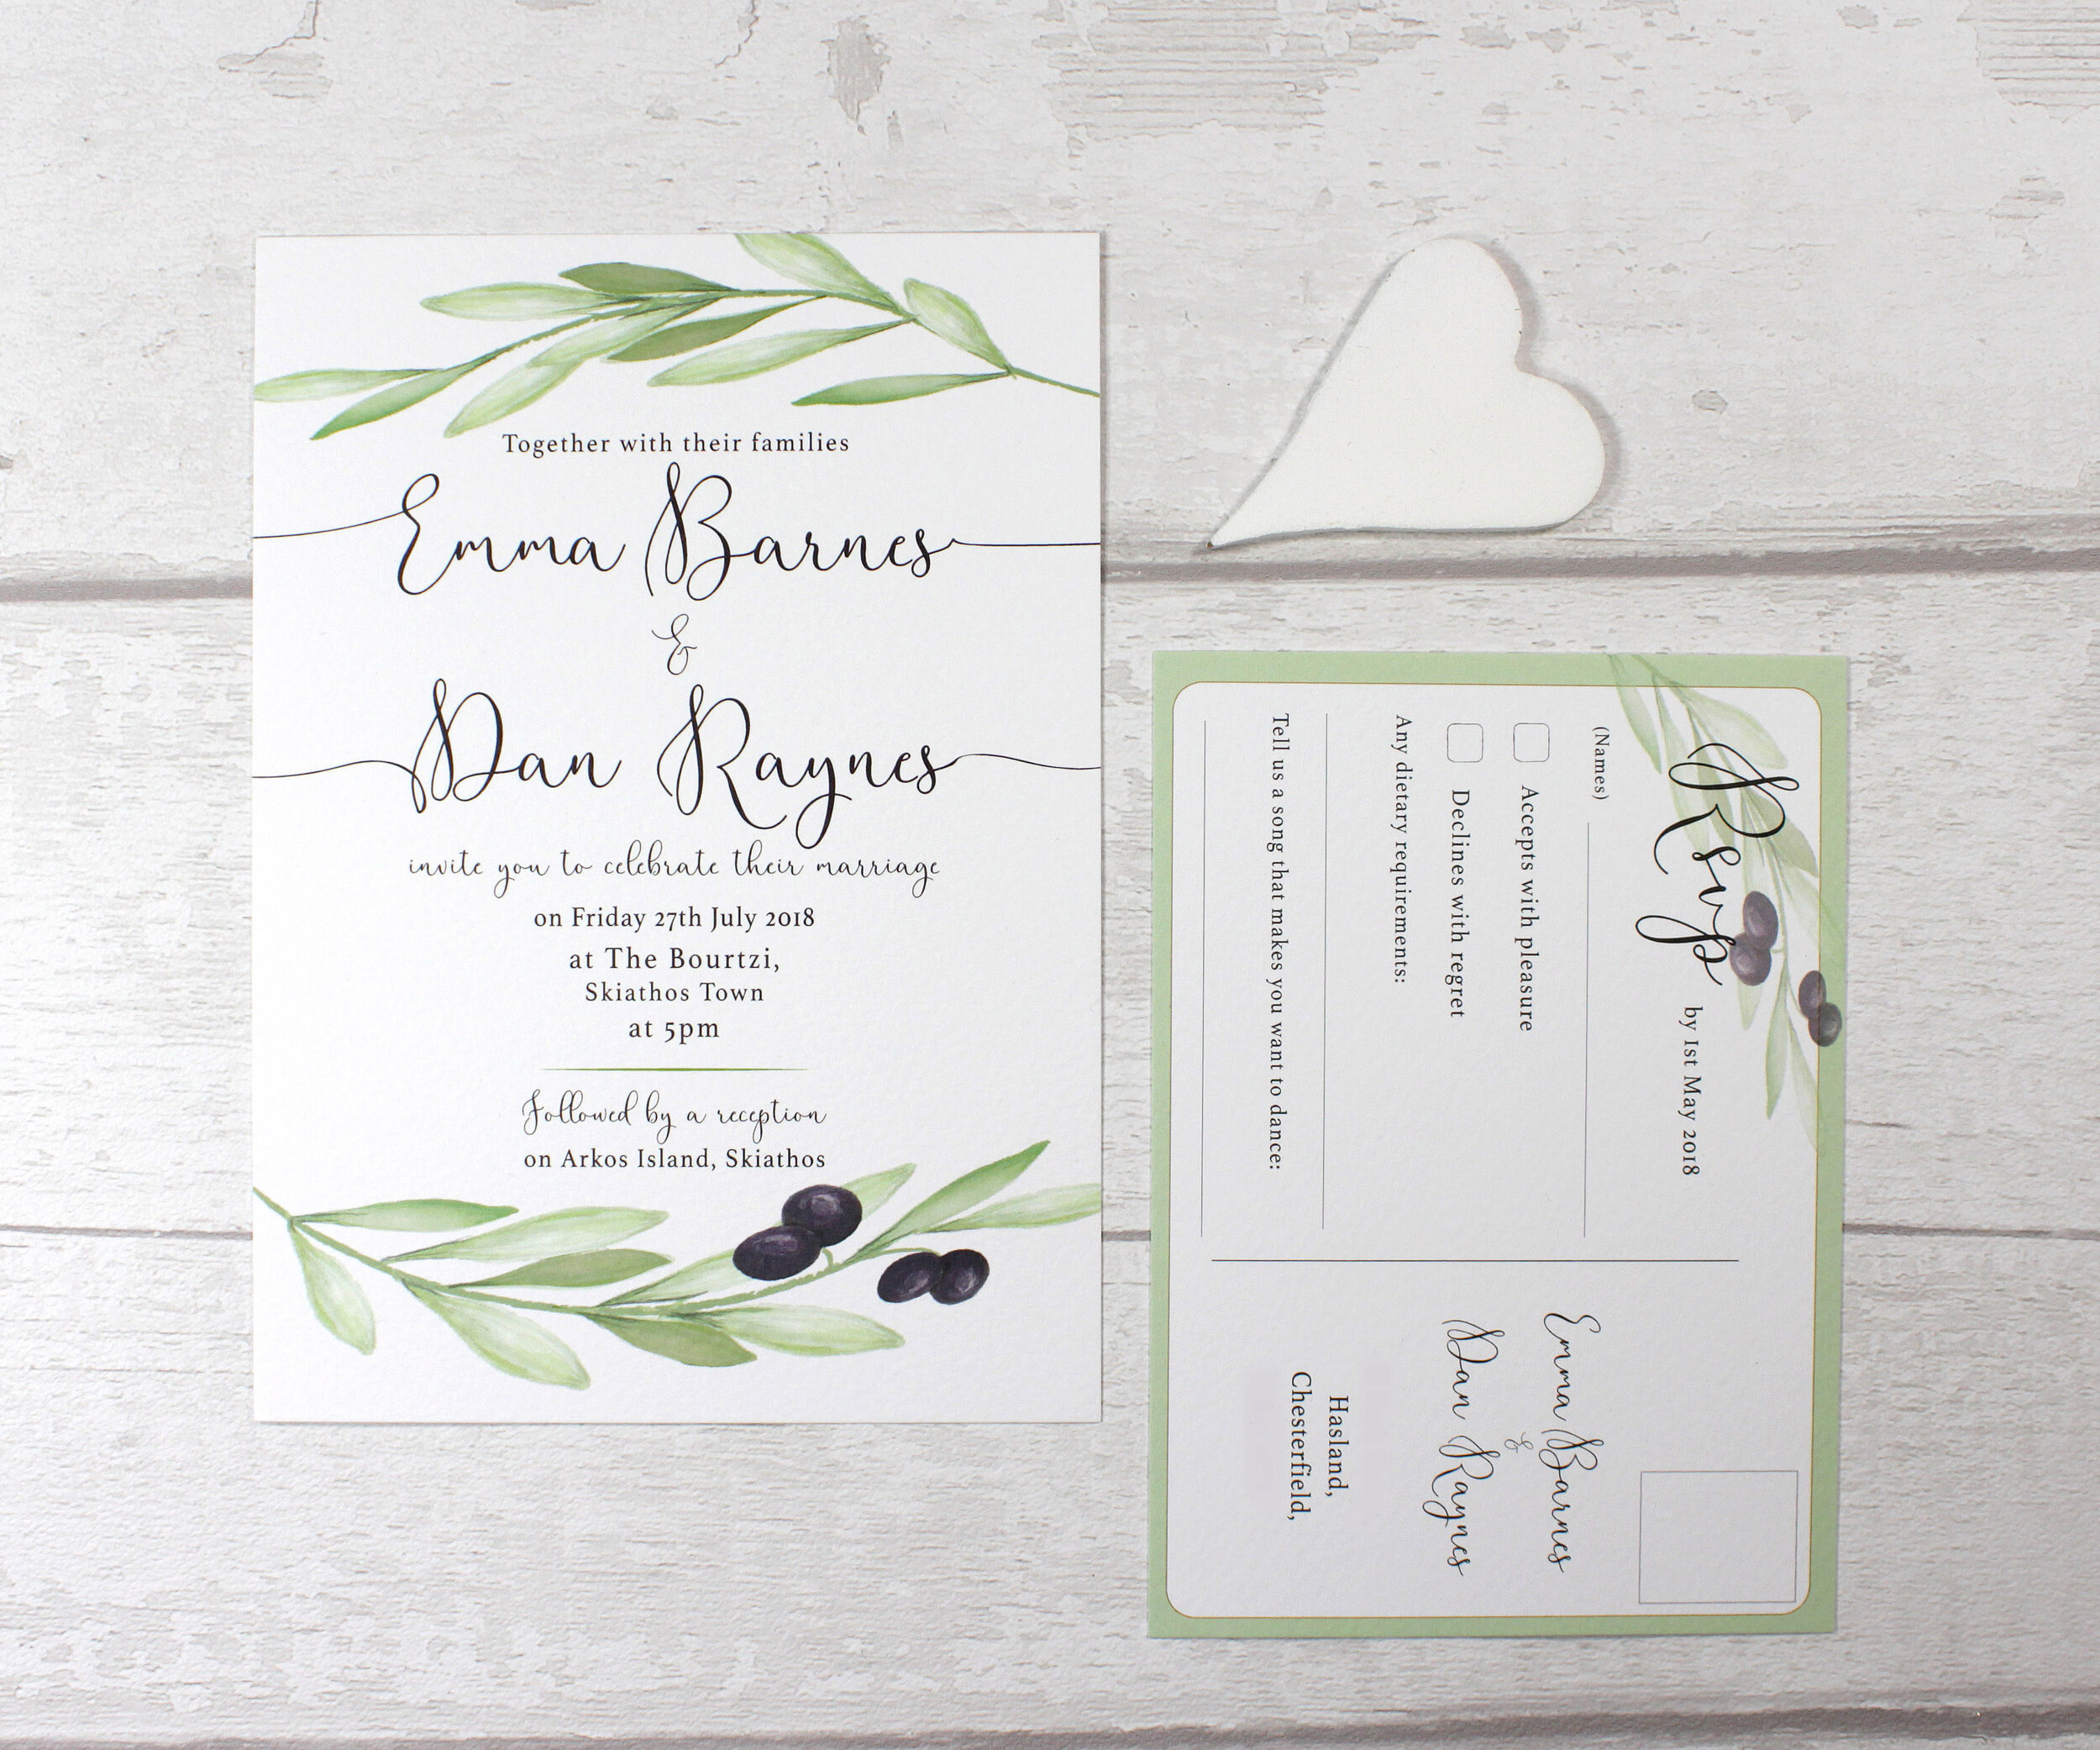 Olive branch invite 4 facebook.jpg